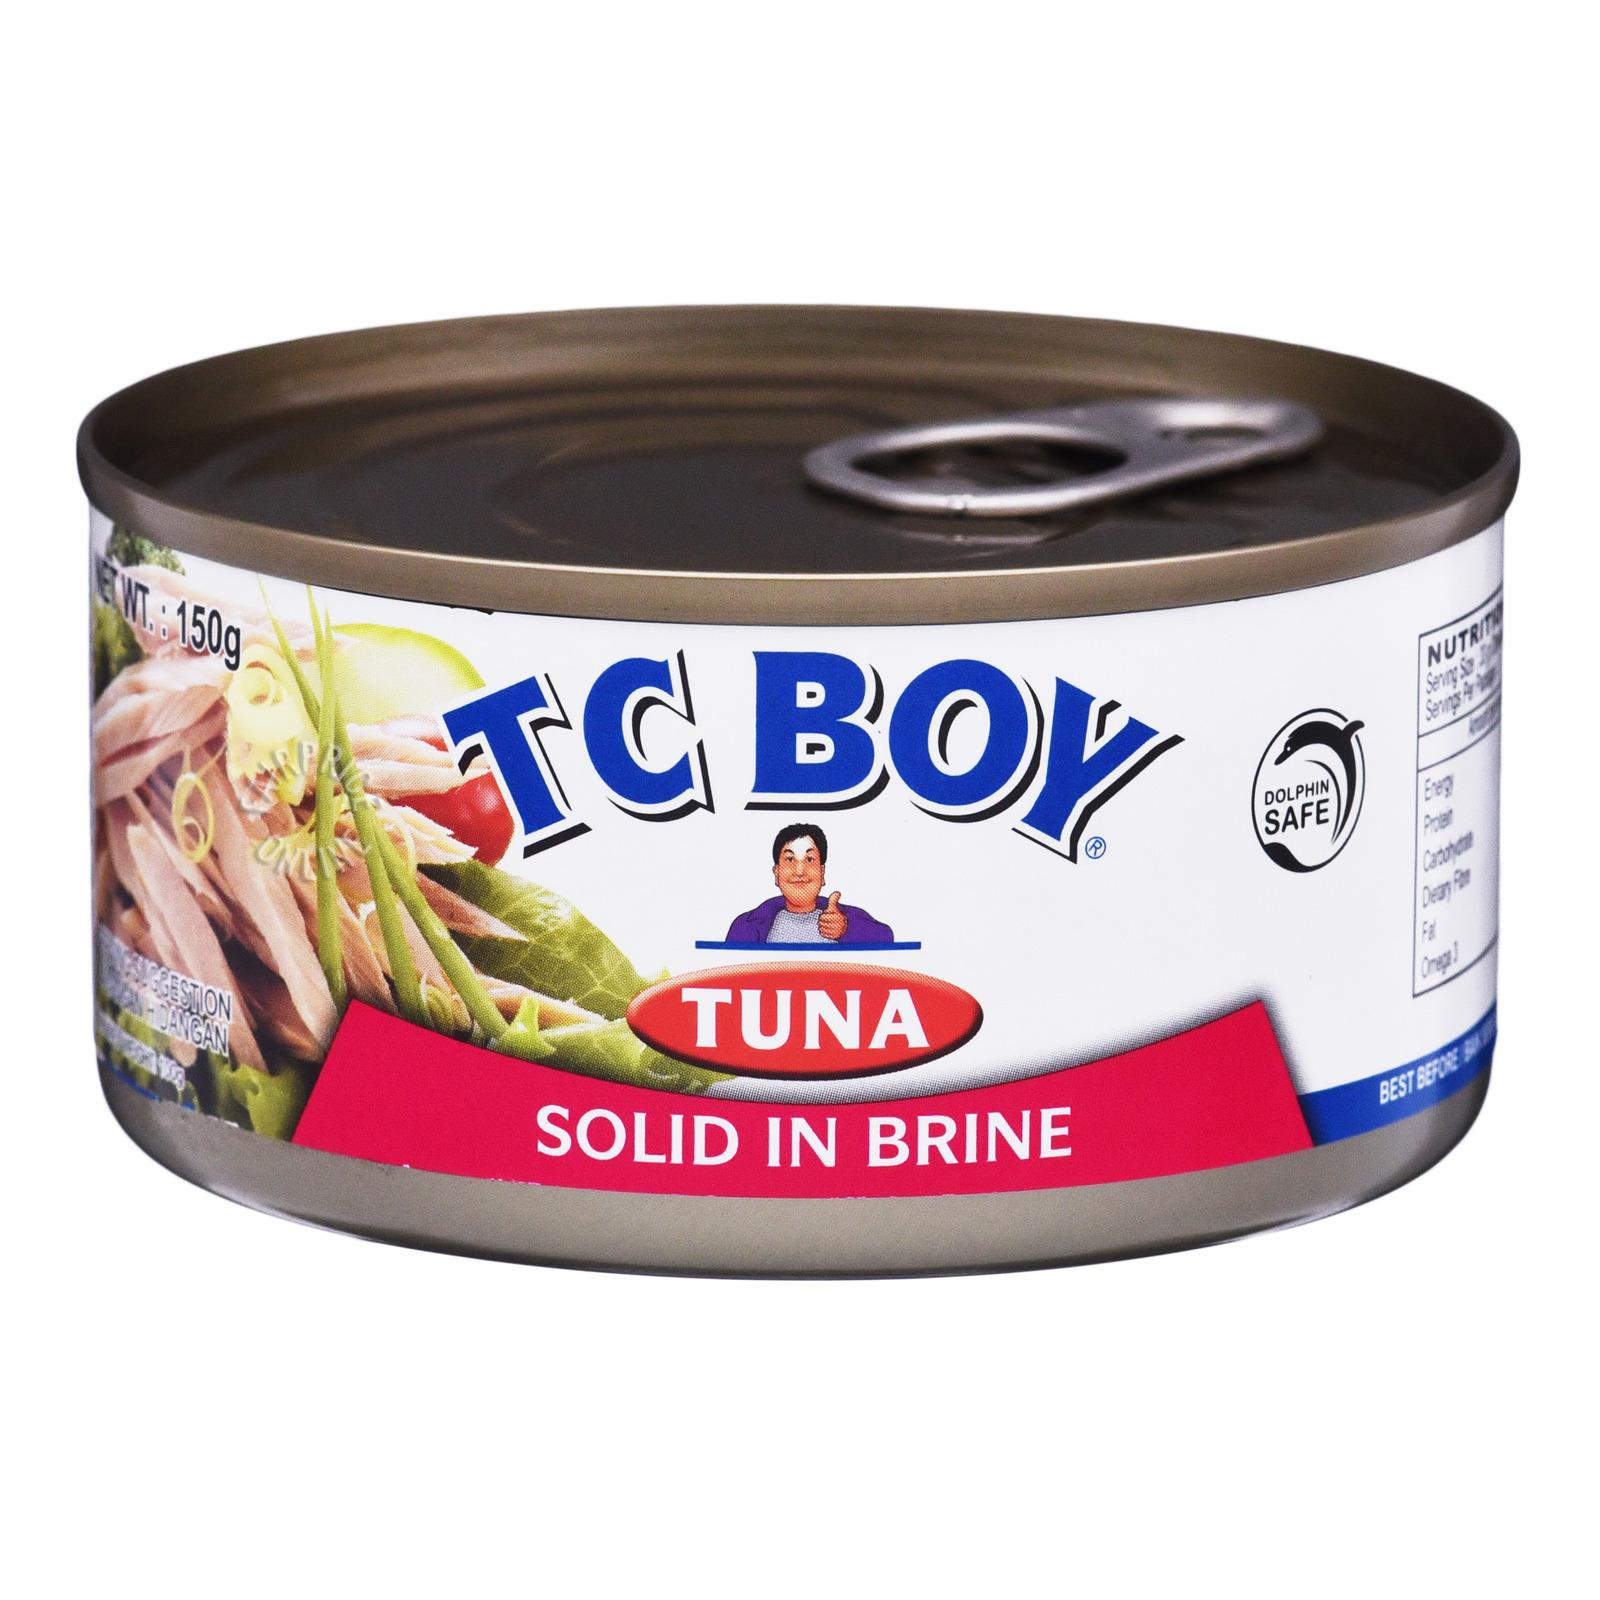 TC Boy Tuna Solid in Brine